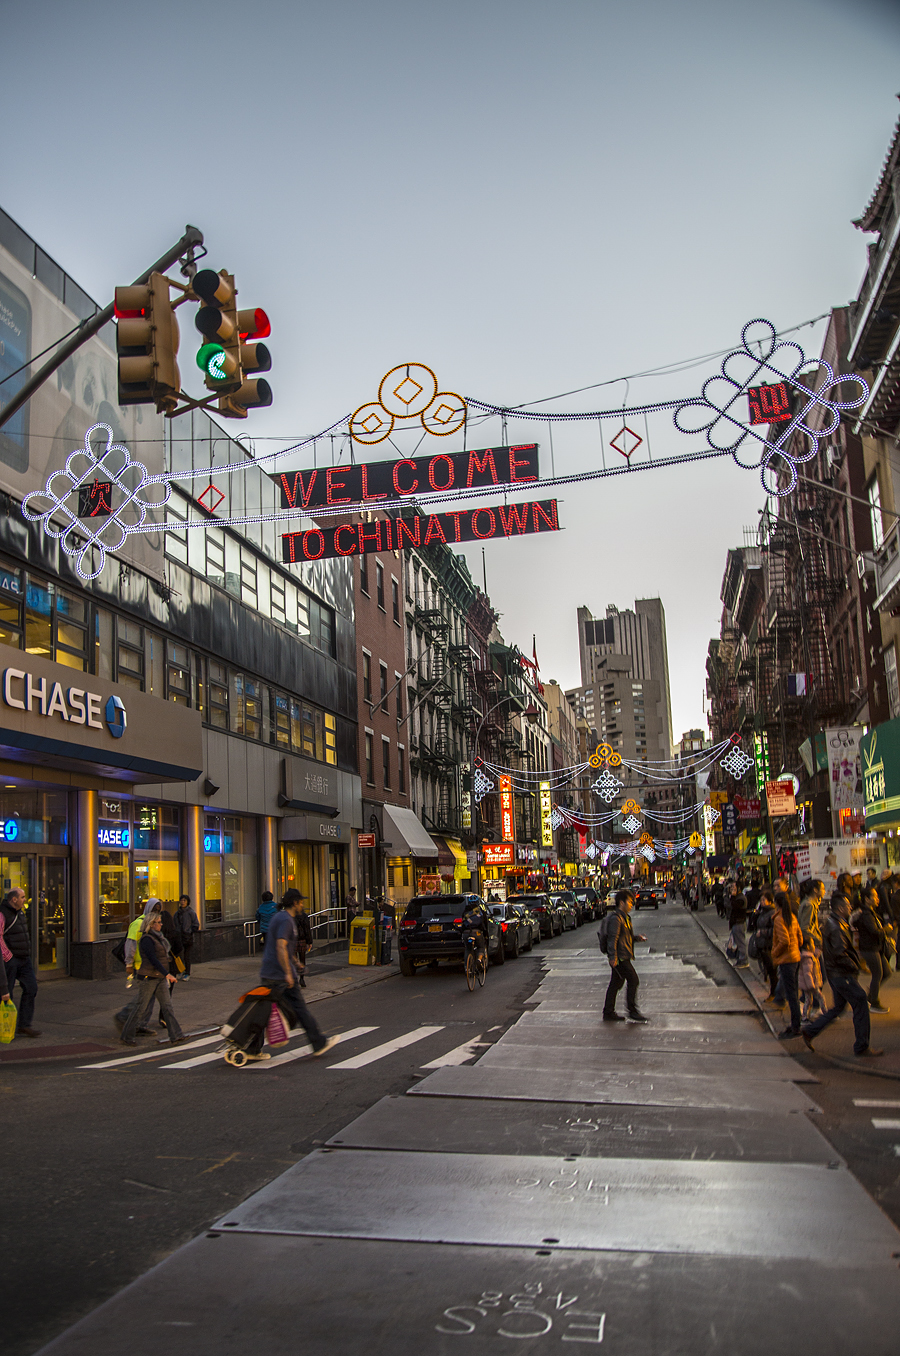 Yiran_Zhang_Wharton_Senior_Friday_Chinatown_NewYork_streets_knots_welcomechinatown_lights